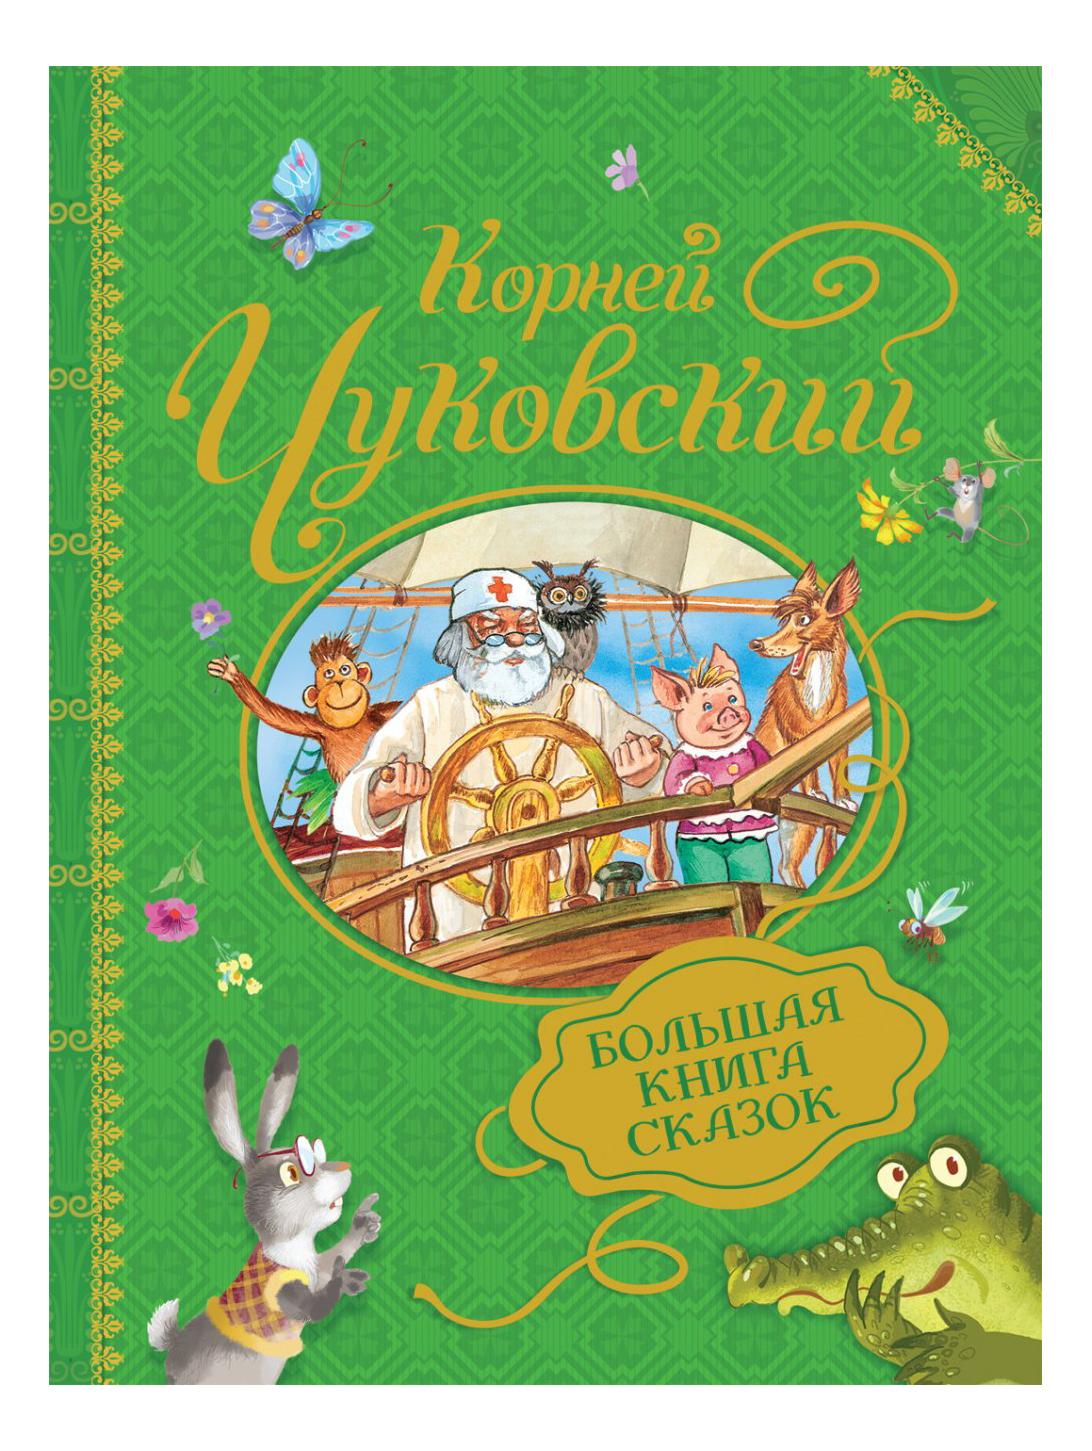 Большая книга Сказок. корней Чуковский фото